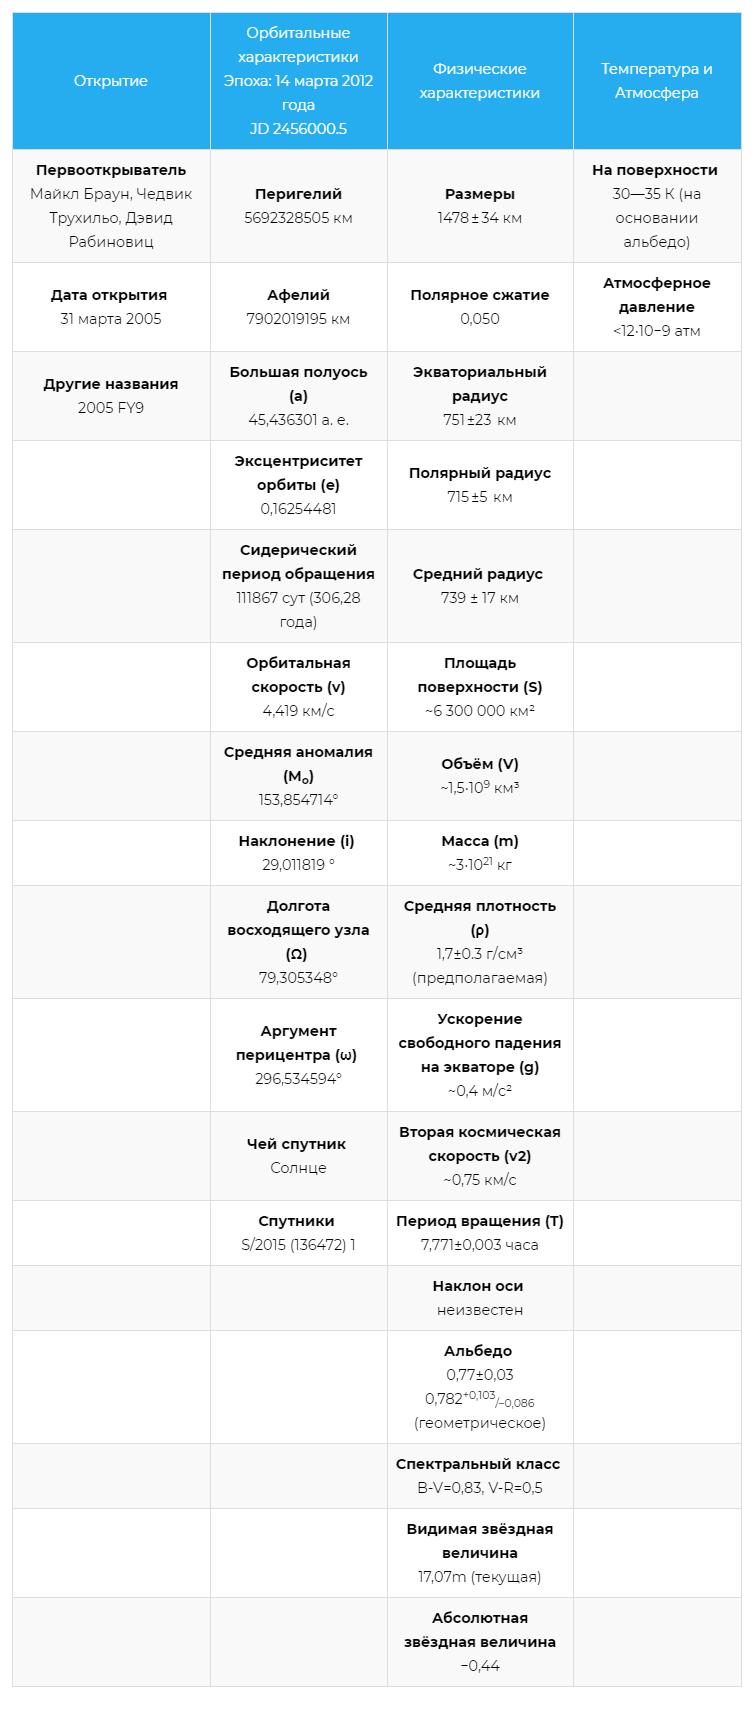 Характеристики карликовой планеты Макемаке